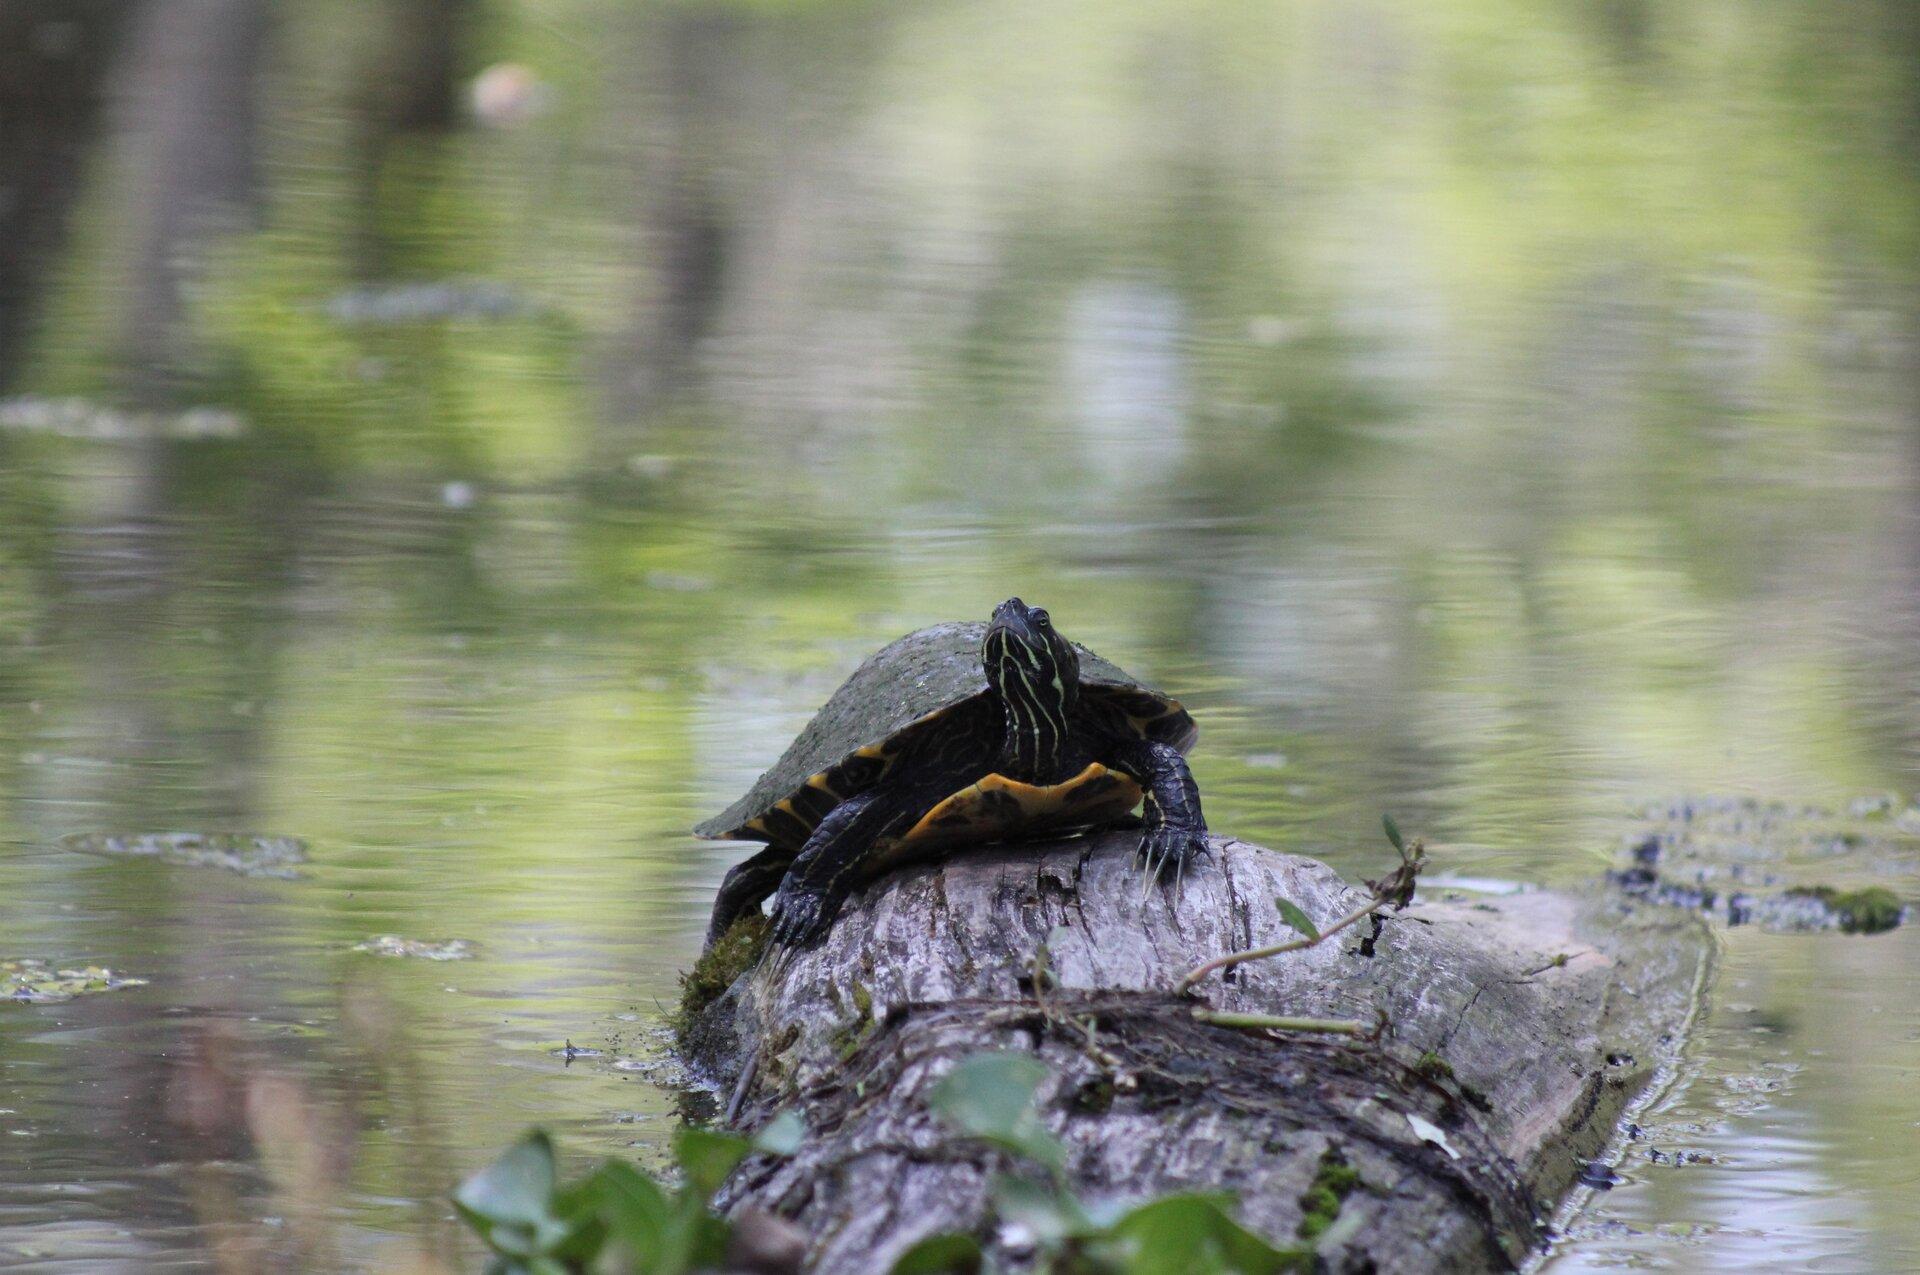 Żółw na kamieniu Źródło: licencja: CC 0.